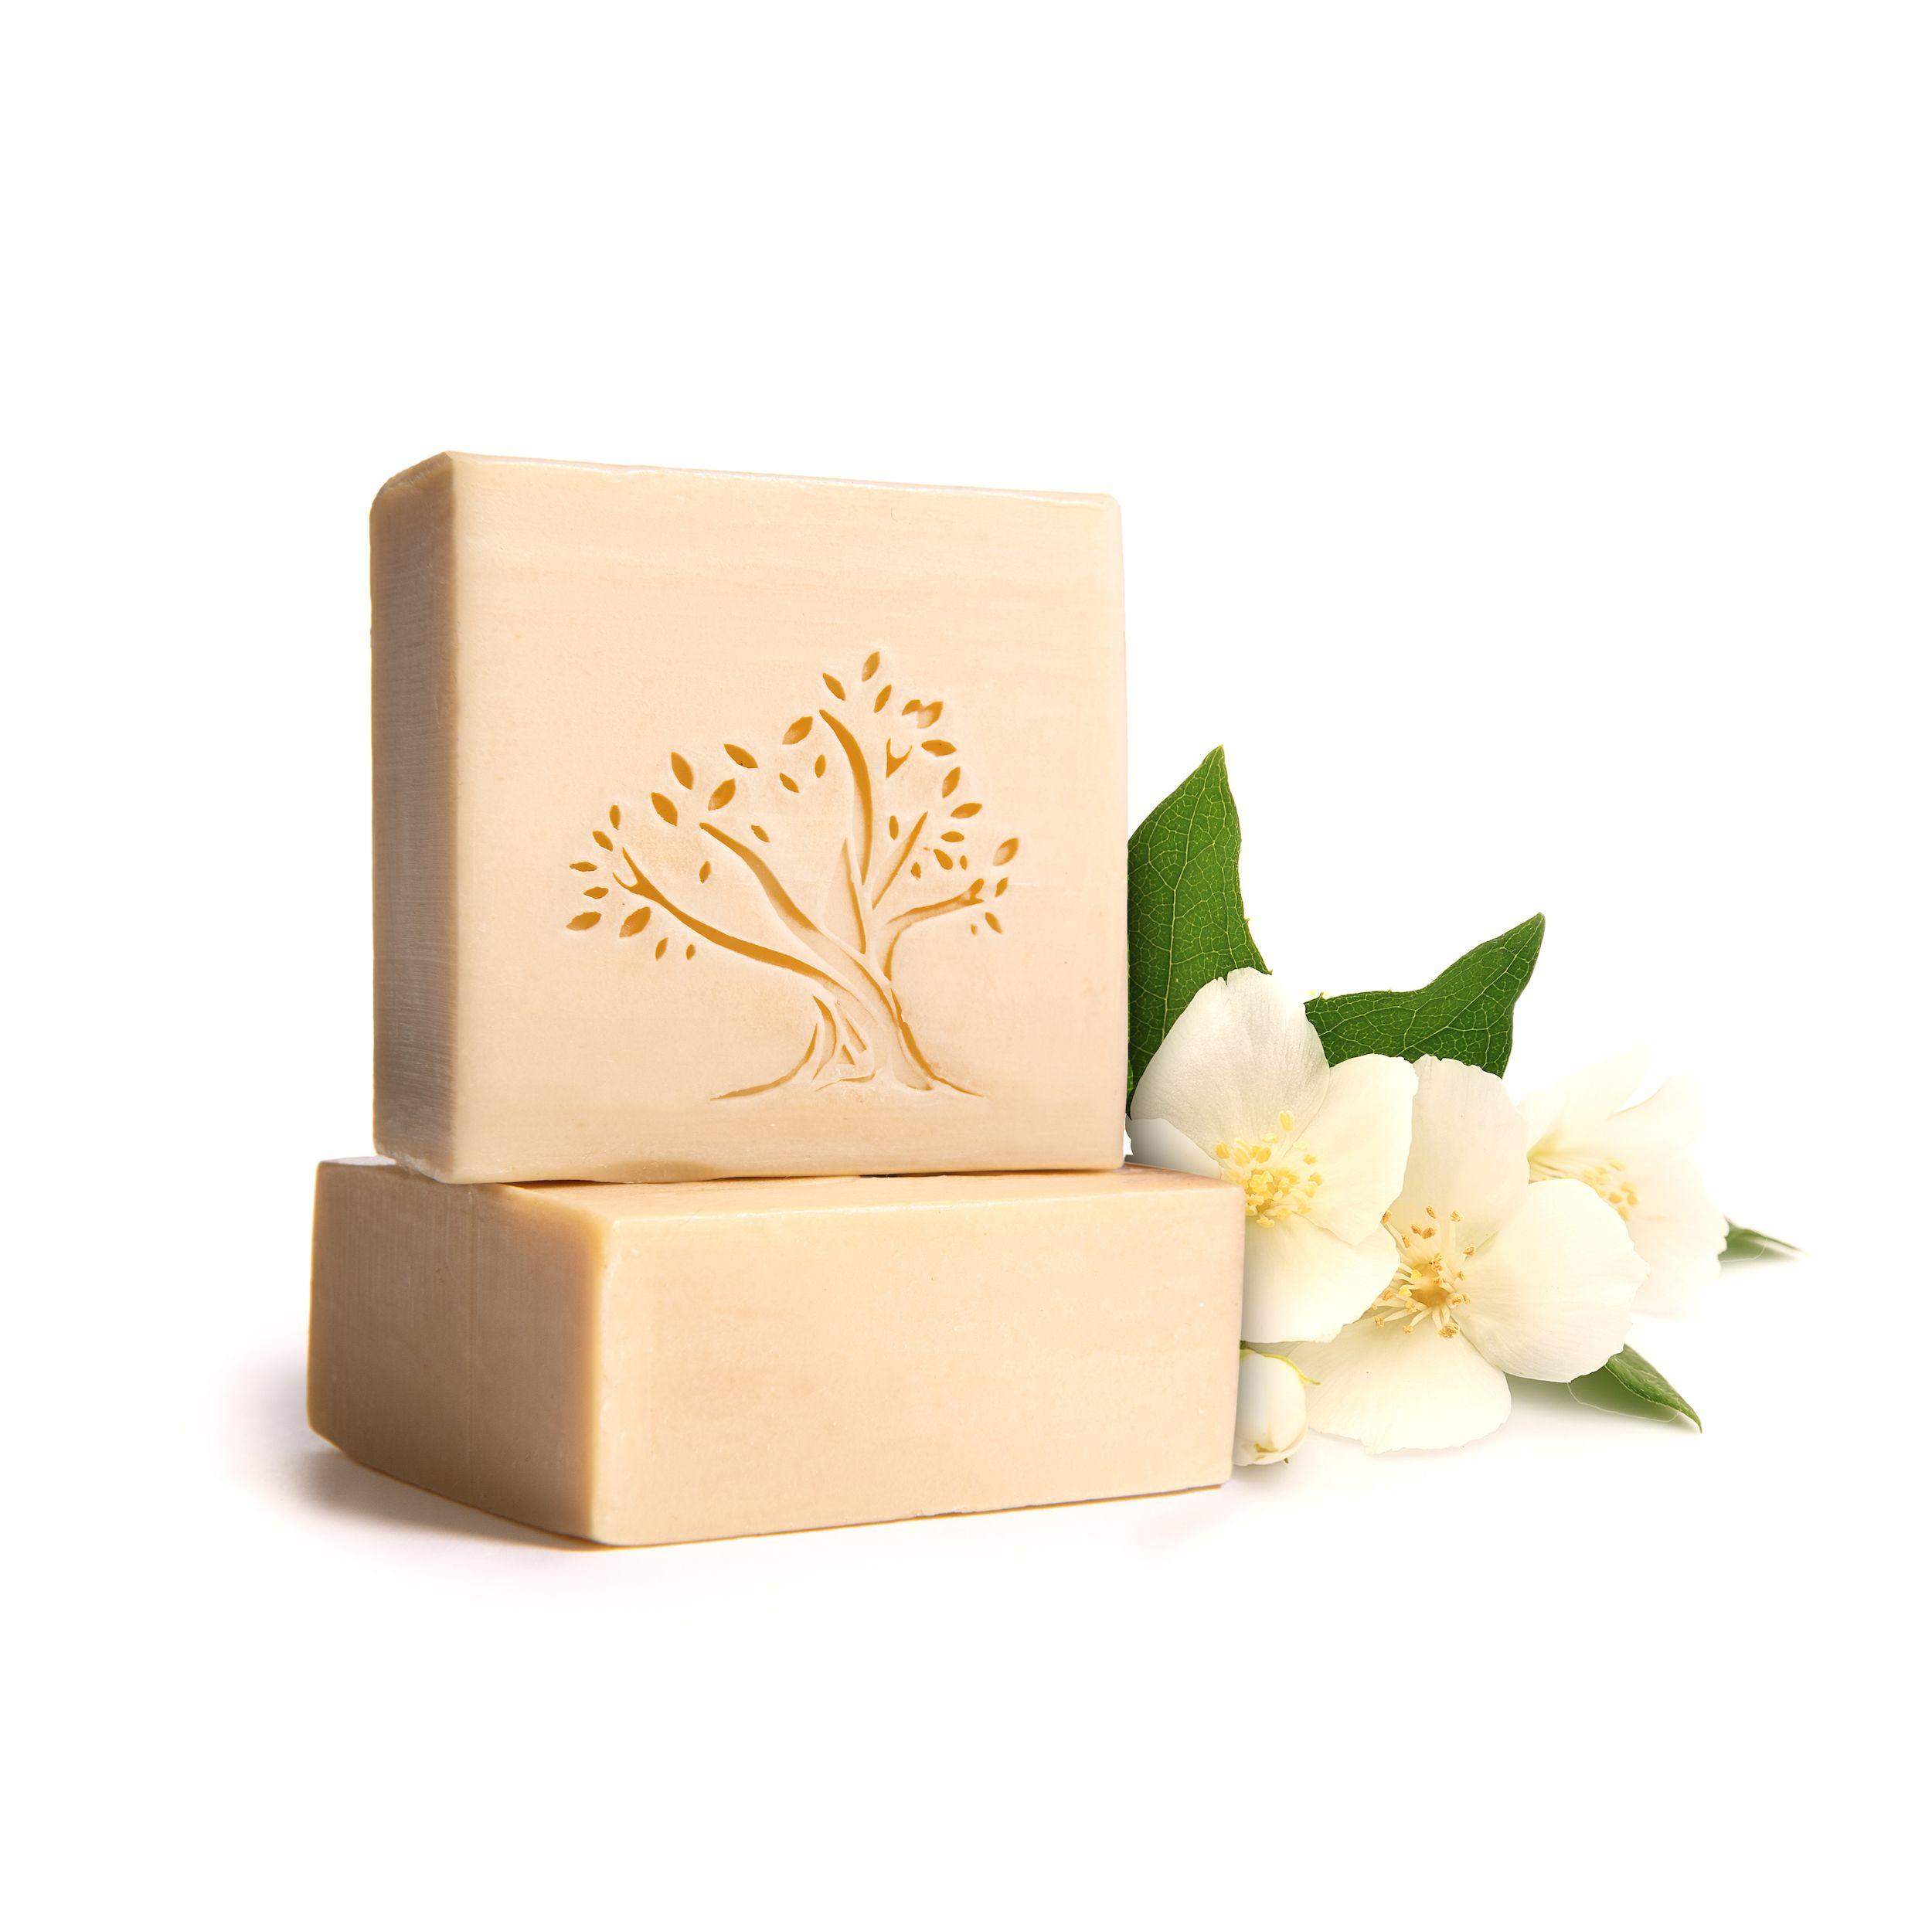 Le Joyau d'Olive - Luxury Pure Olive Oil Soap - Natural Handmade Bar for Face & Body - 1-Pack – Jasmine Oil bath bar